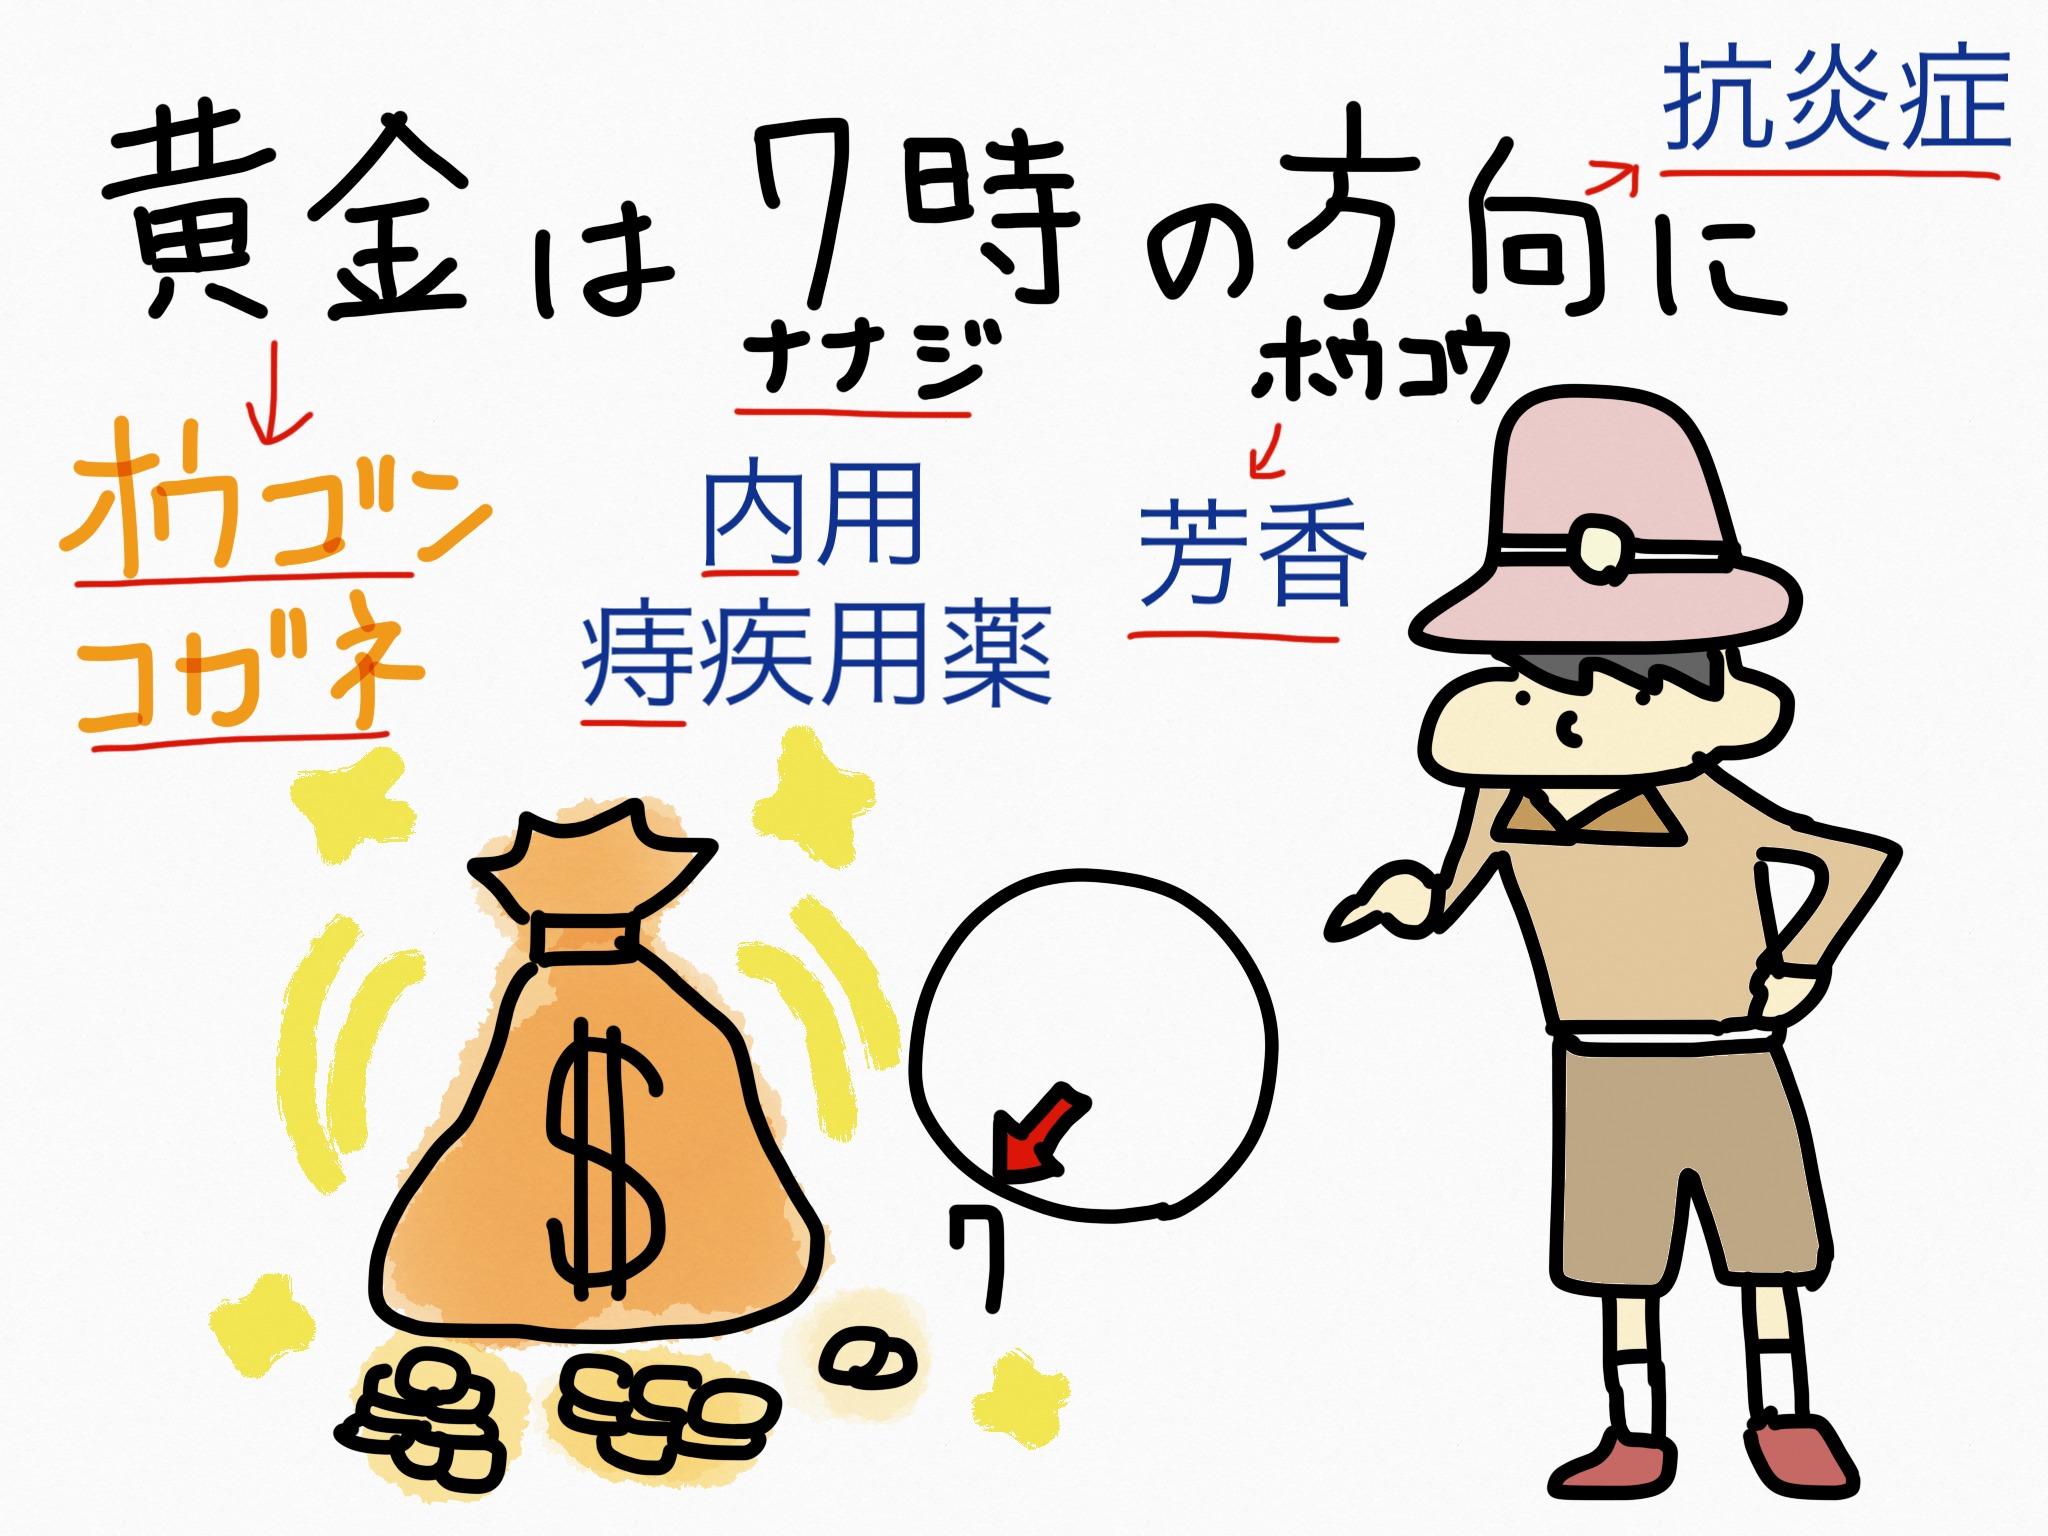 オウゴン[痔疾用薬他]生薬の覚え方・暗記方法・語呂合わせ